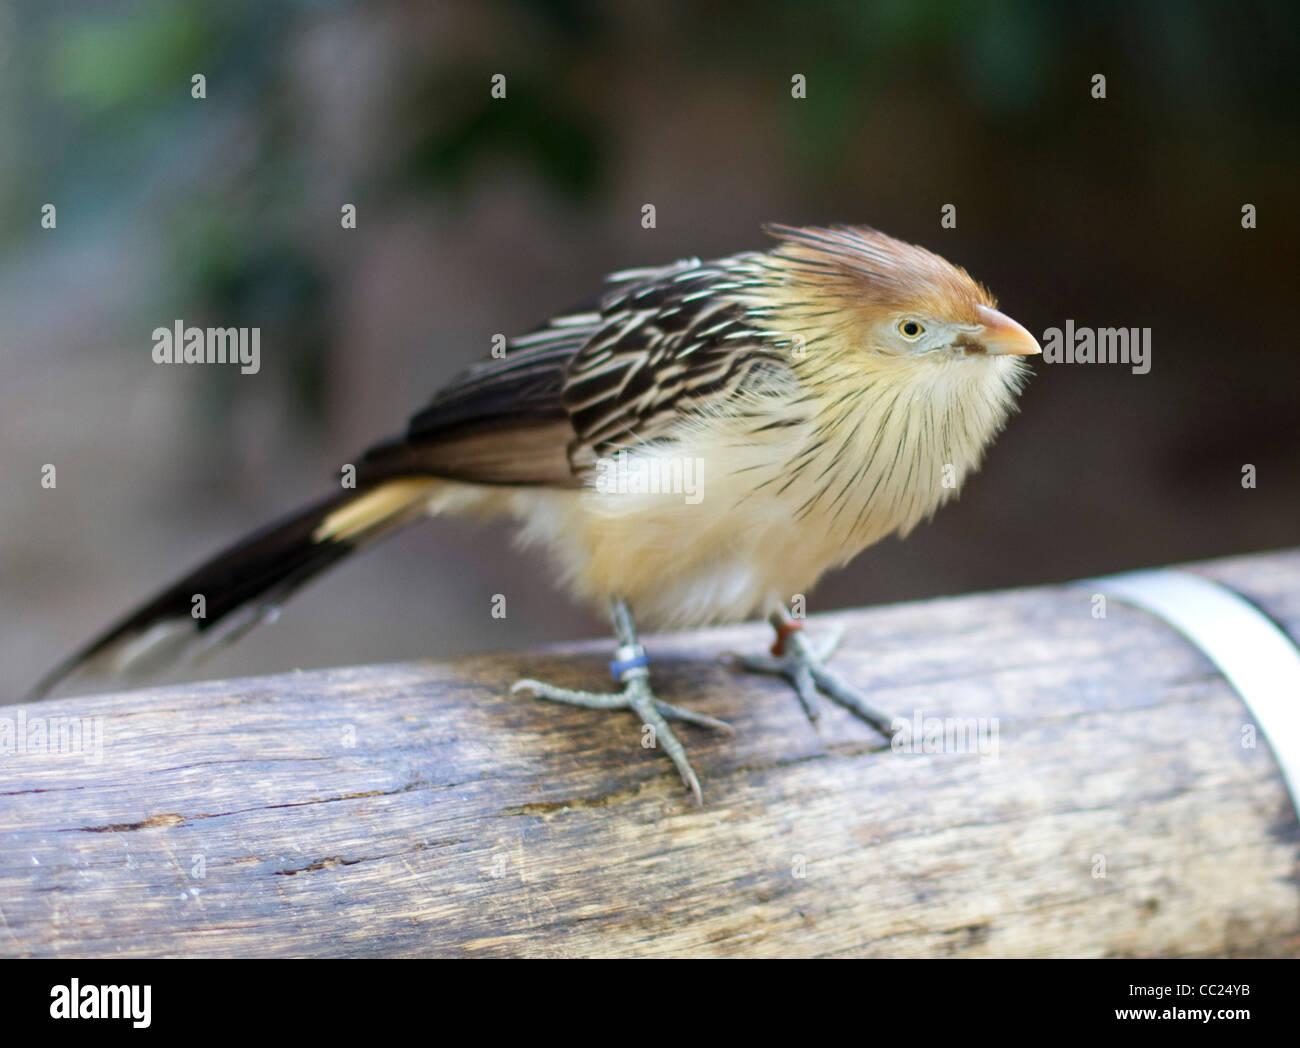 Guira Cuckoo Bird A non-parasitic cuckoo found in South America - Stock Image